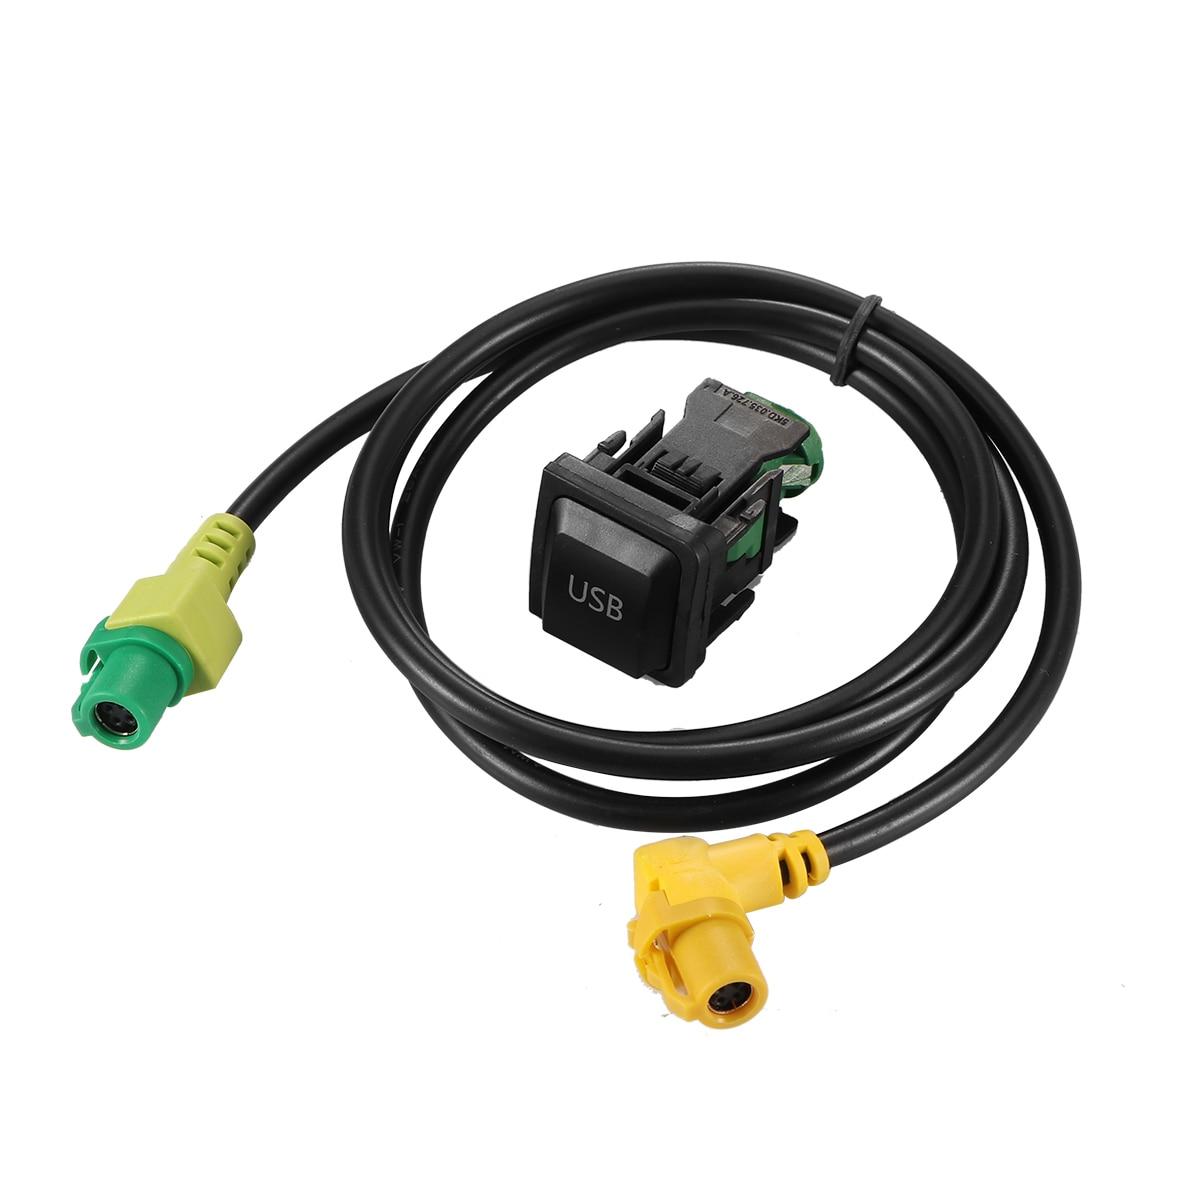 USB Switch Plug Cable+Aux Switch Cable Car USB AUX Audio